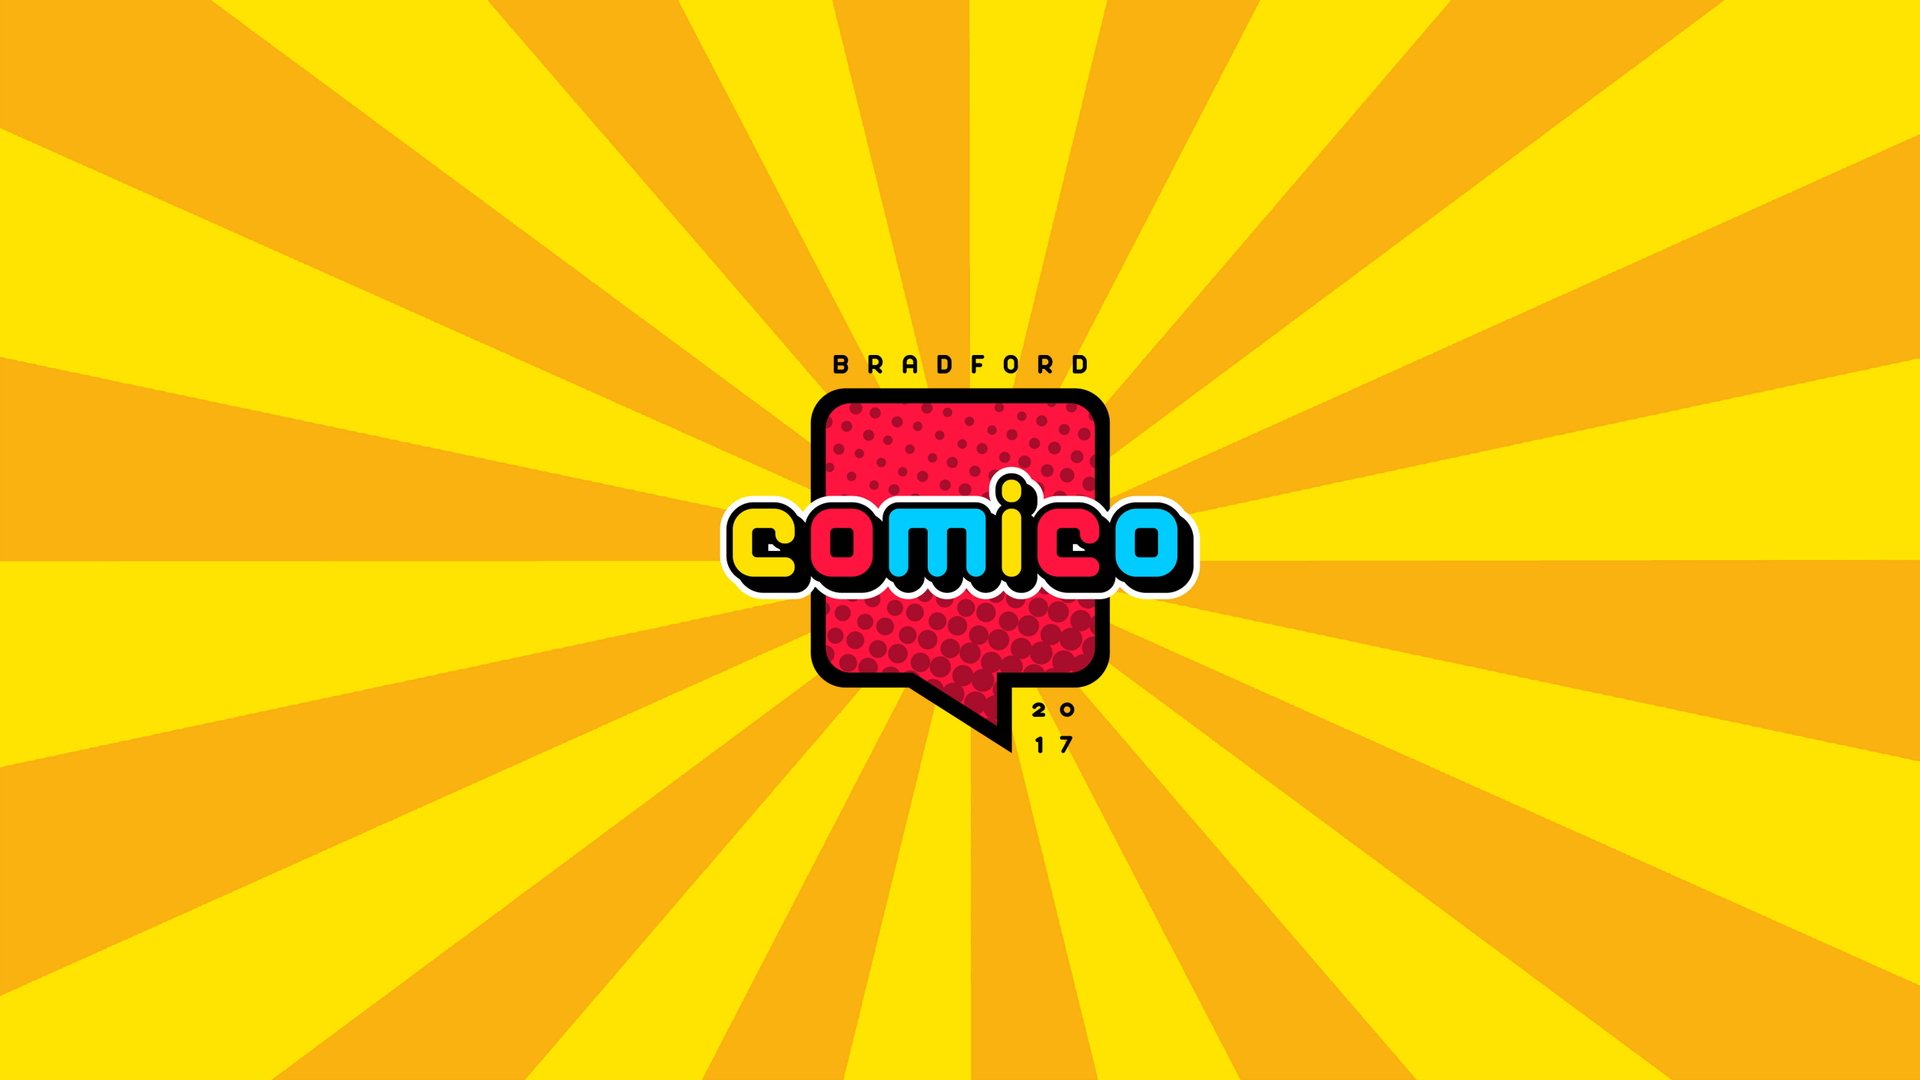 Brandford Comico Branding Project